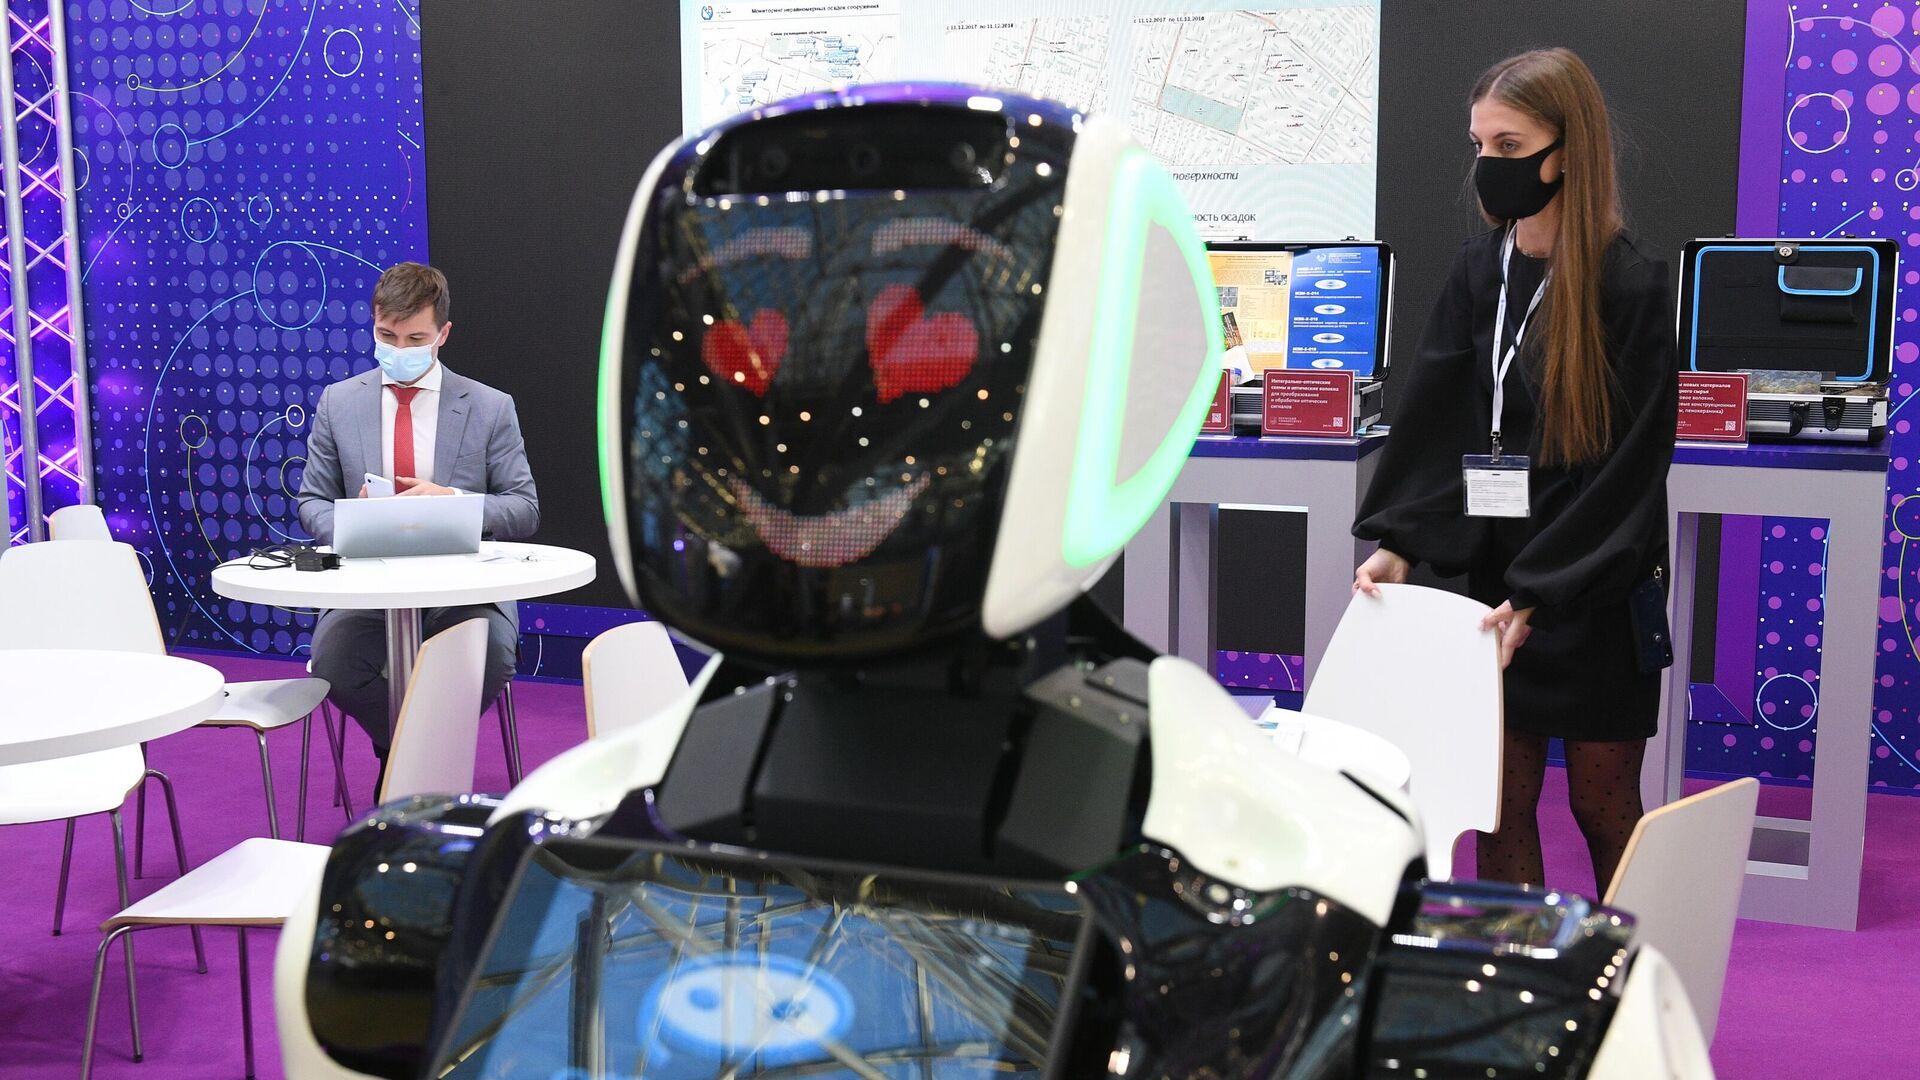 Робот компании Промобот представлен на выставке ВУЗПРОМЭКСПО в Москве - РИА Новости, 1920, 18.05.2021